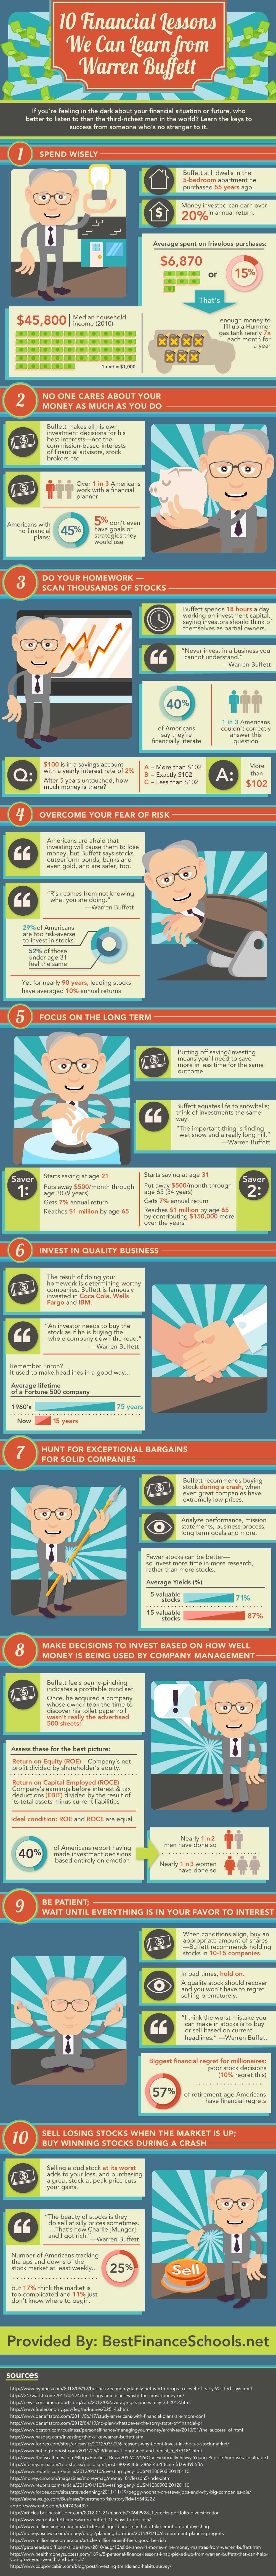 10 Financial Lessons We Can Learn From Warren Buffett